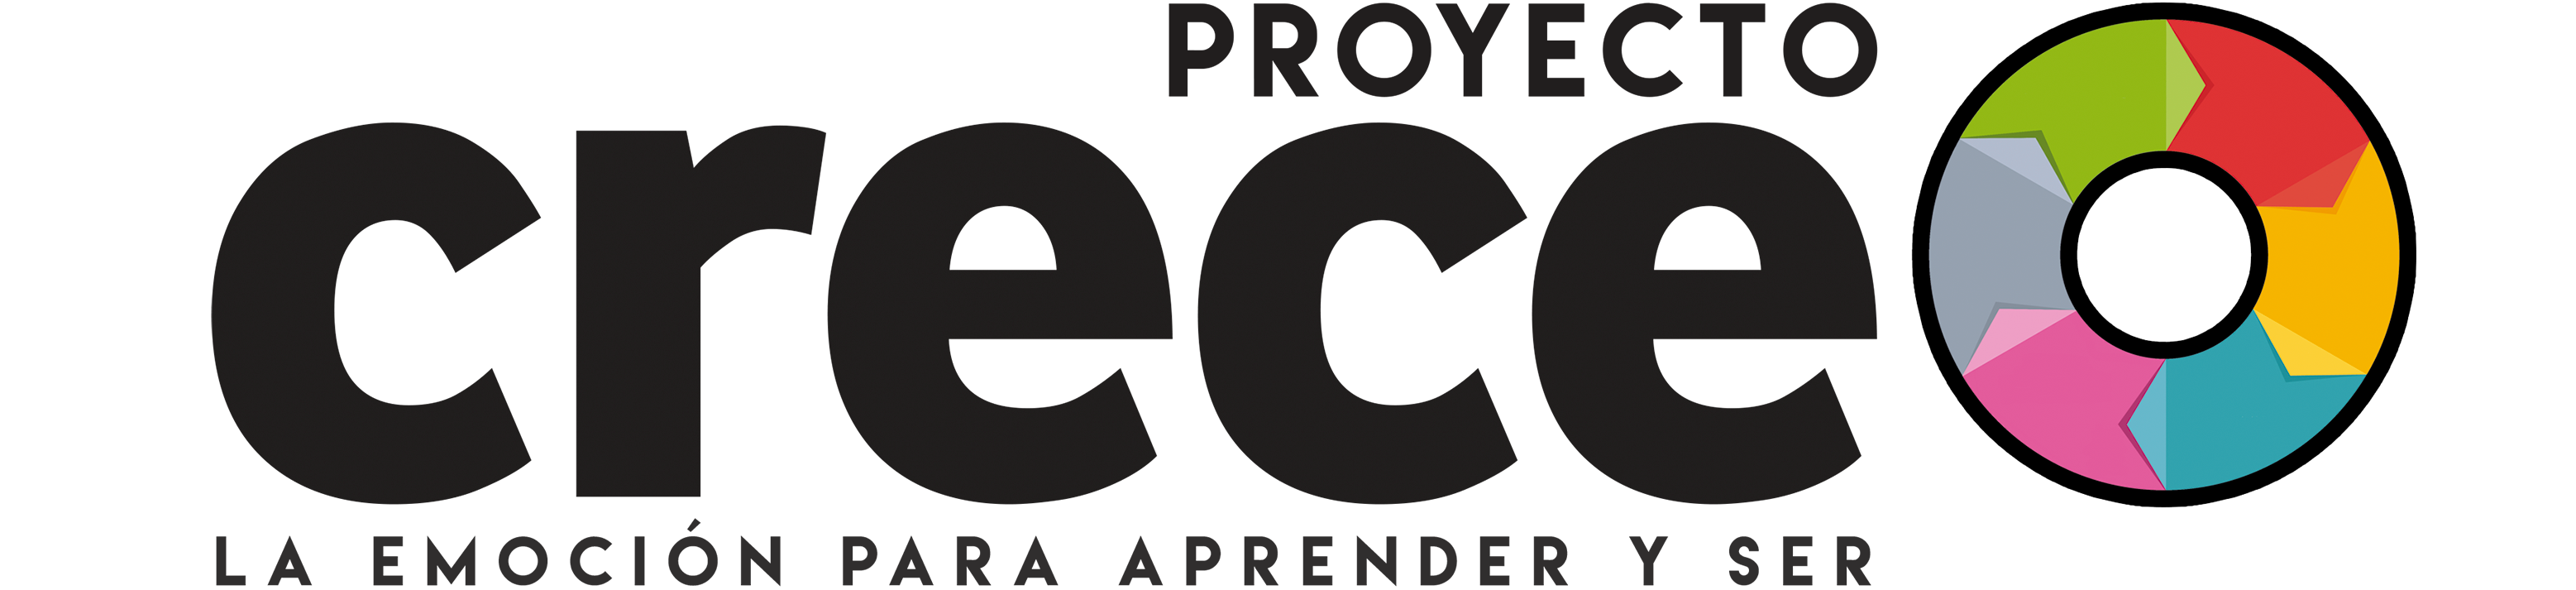 Proyecto Crece | El Diario Montanes